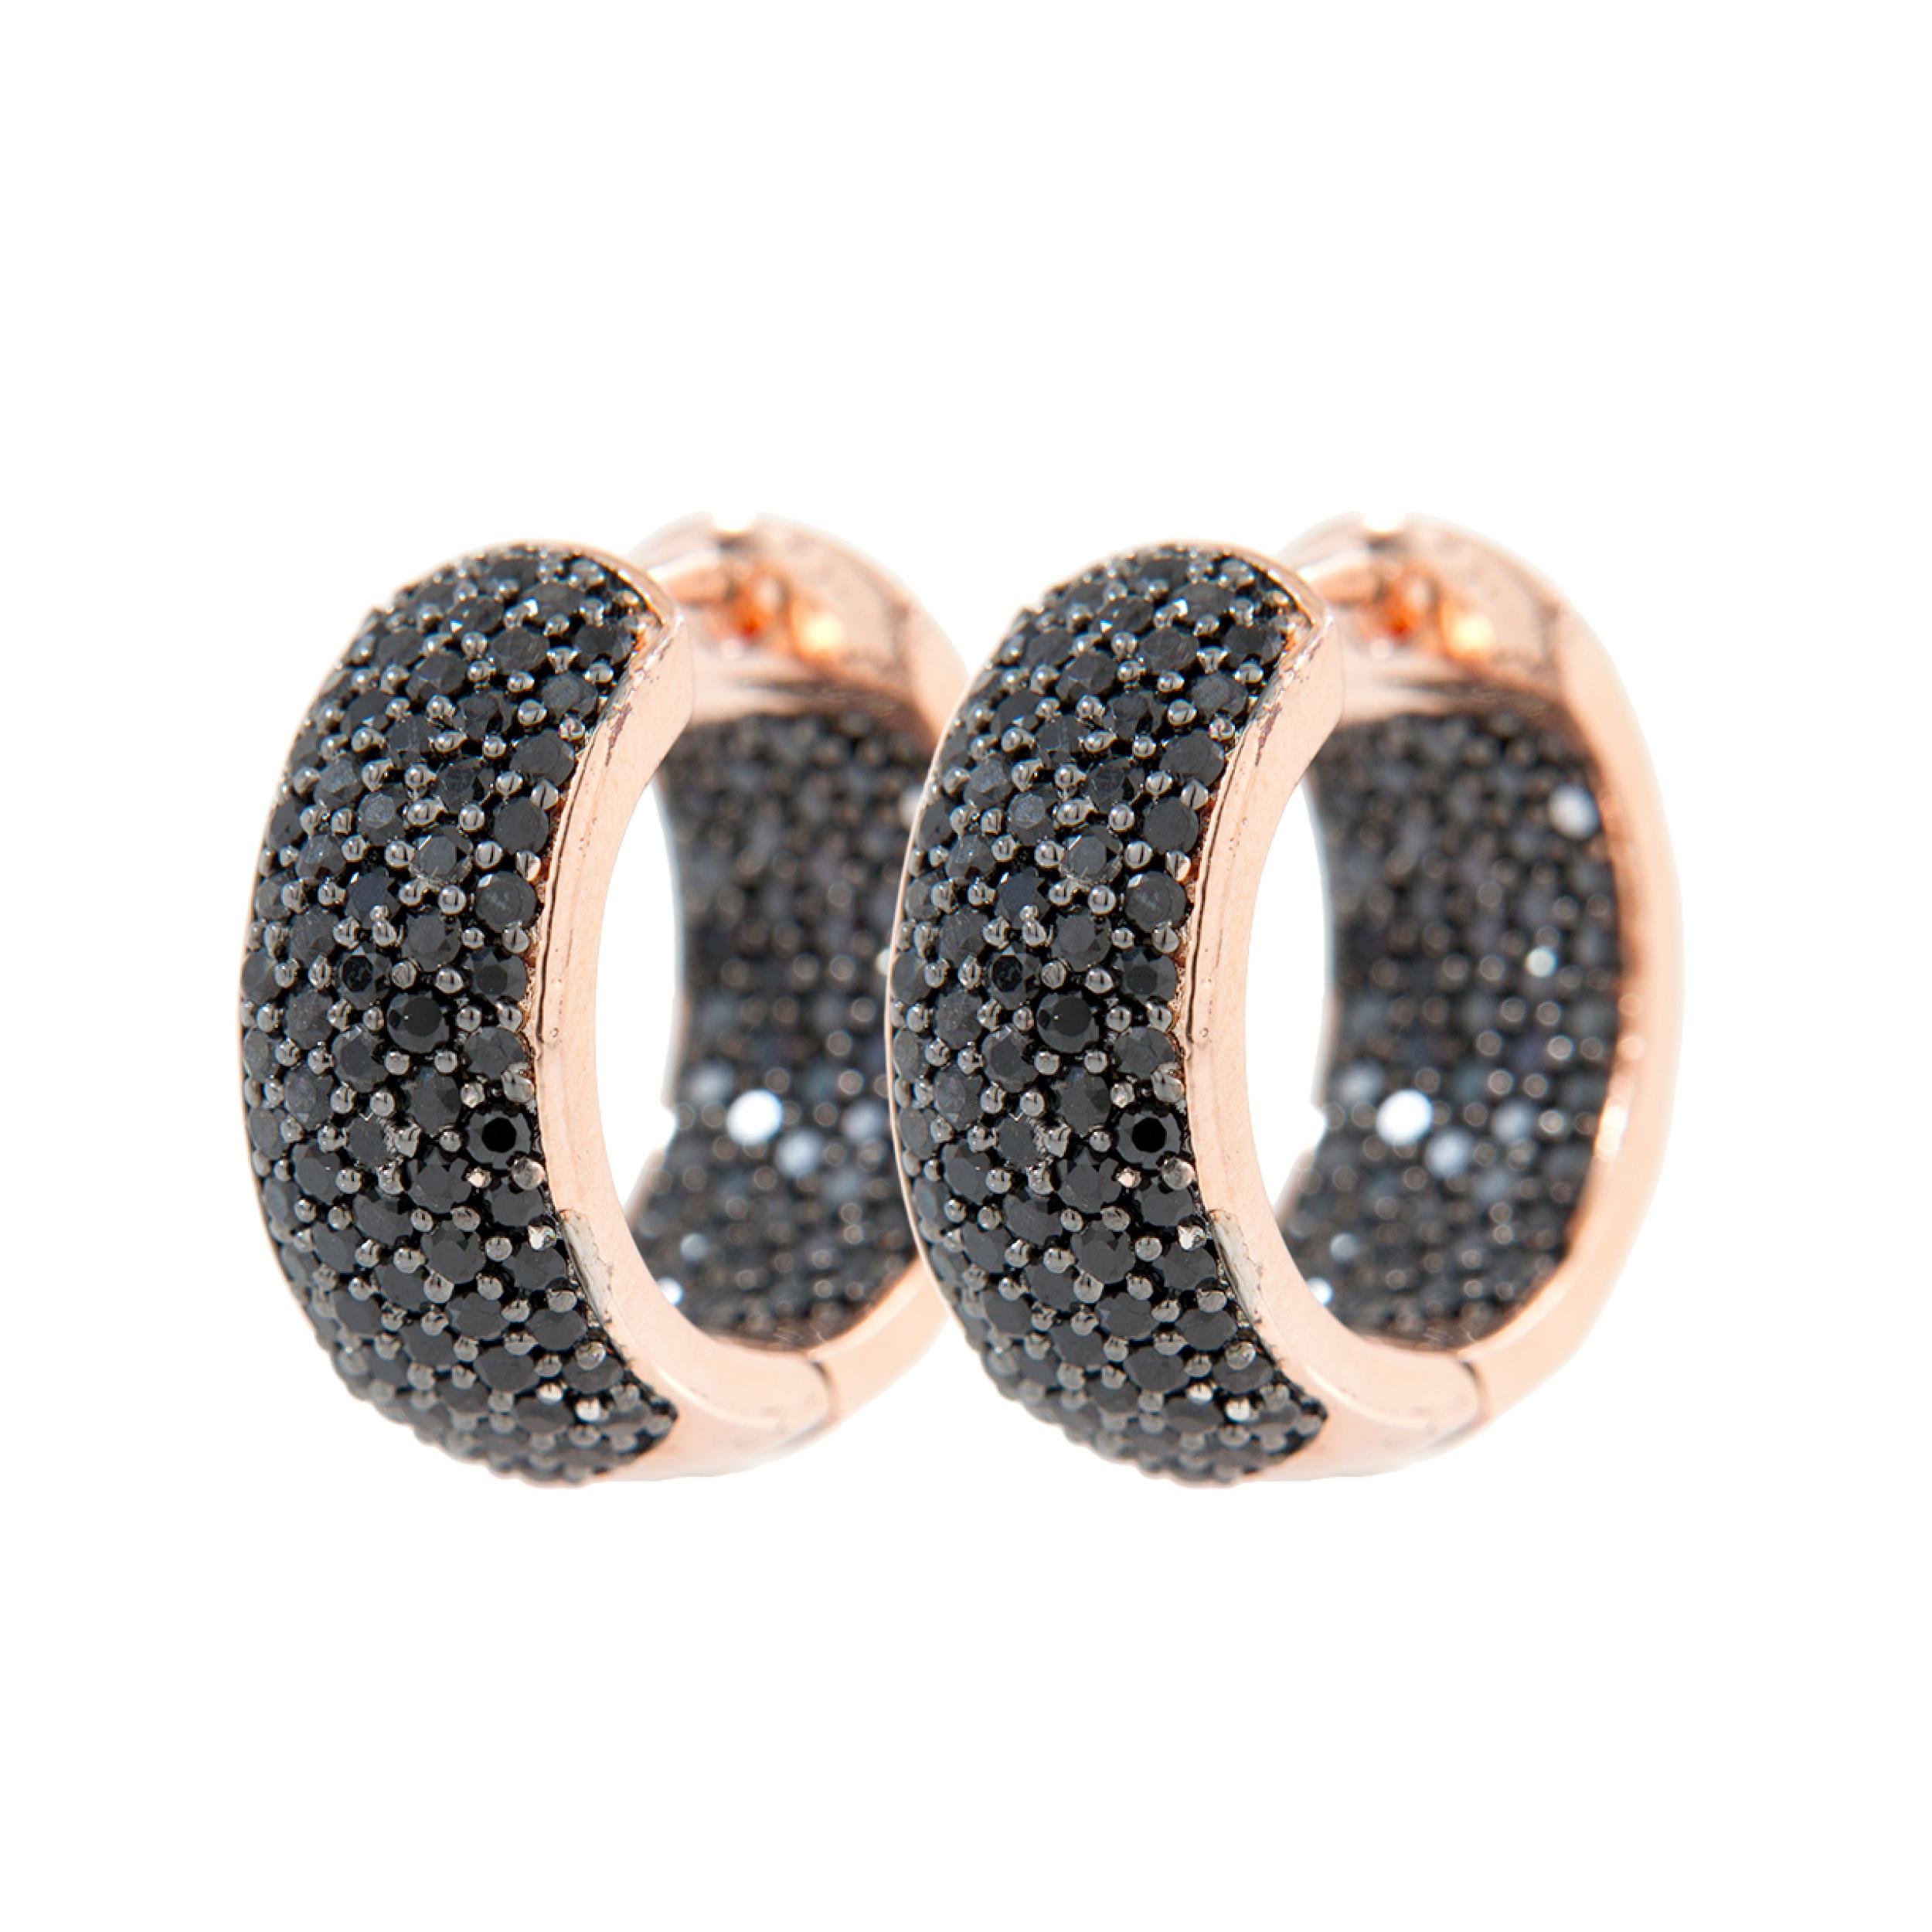 Earrings by Bronzallure - from Originals Jewellers & Gallery